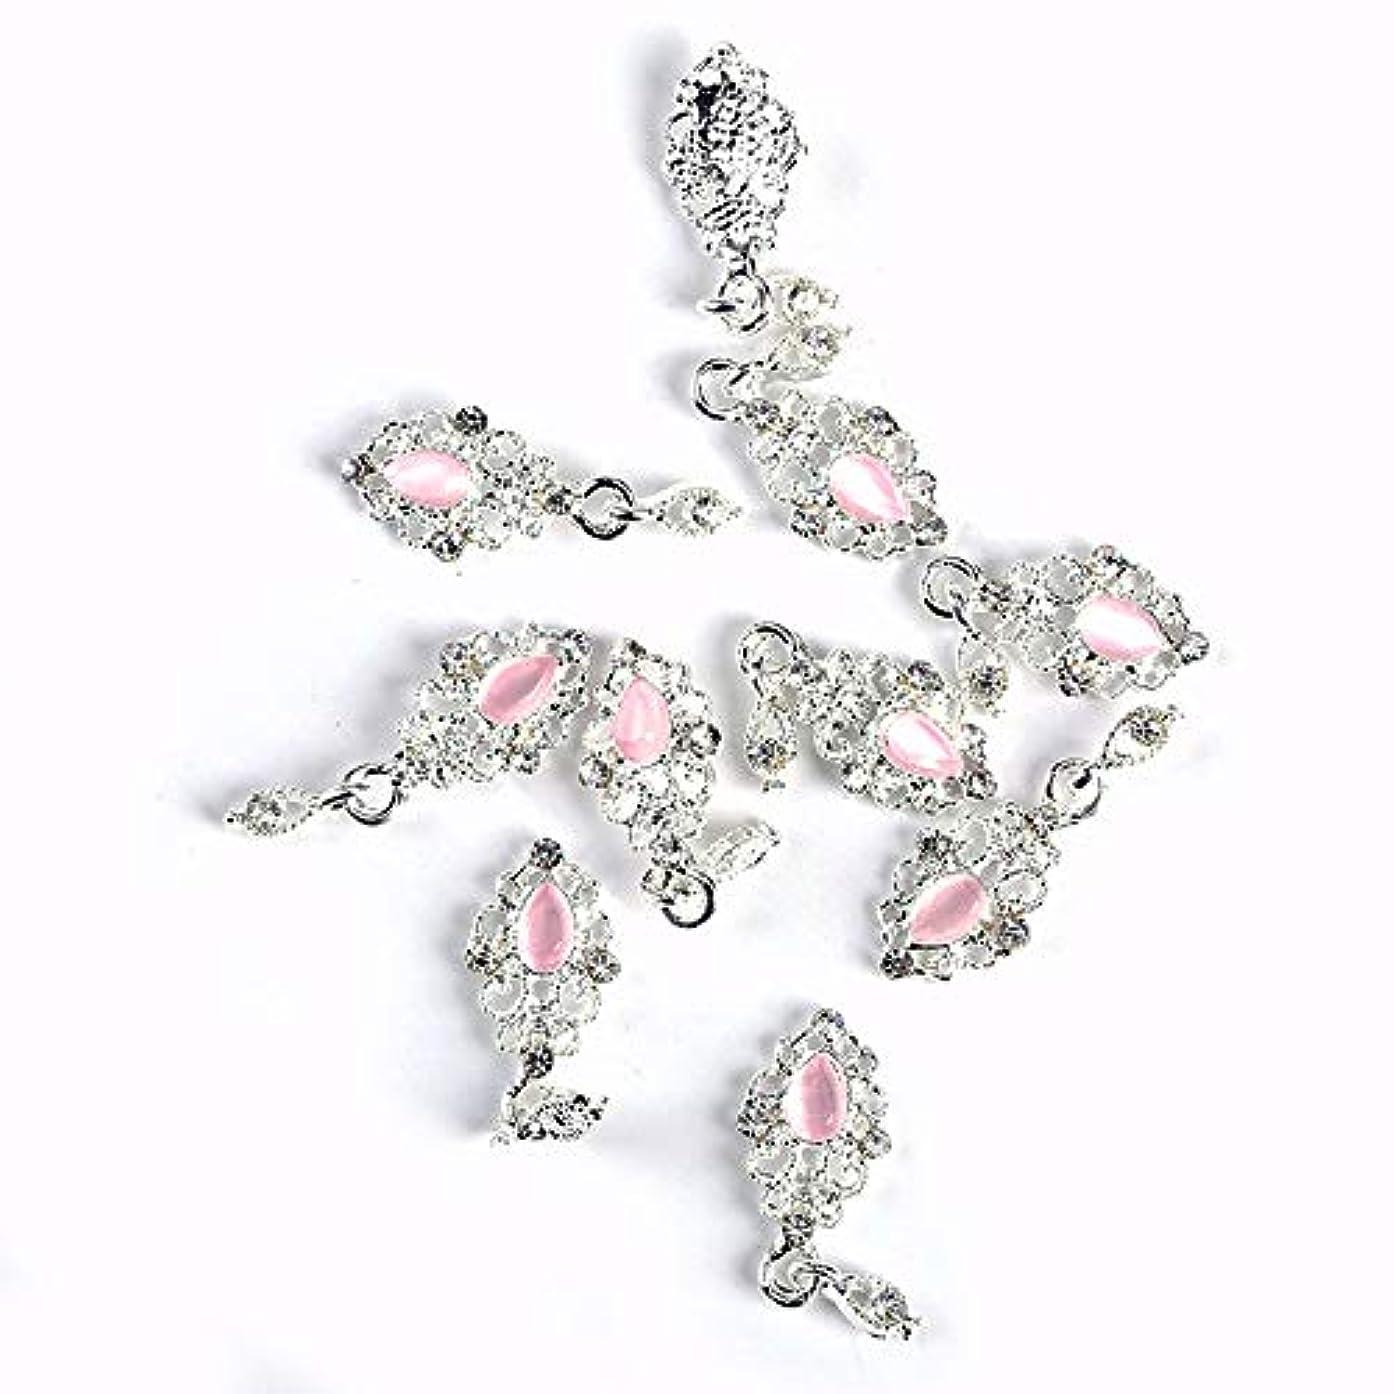 ポーター破滅的な永久に10PCSの3D釘アクセサリーメタルシルバーネイルペンダントデザインモザイクピンクの宝石チャームは、アートの装飾DIYマニキュアネイル